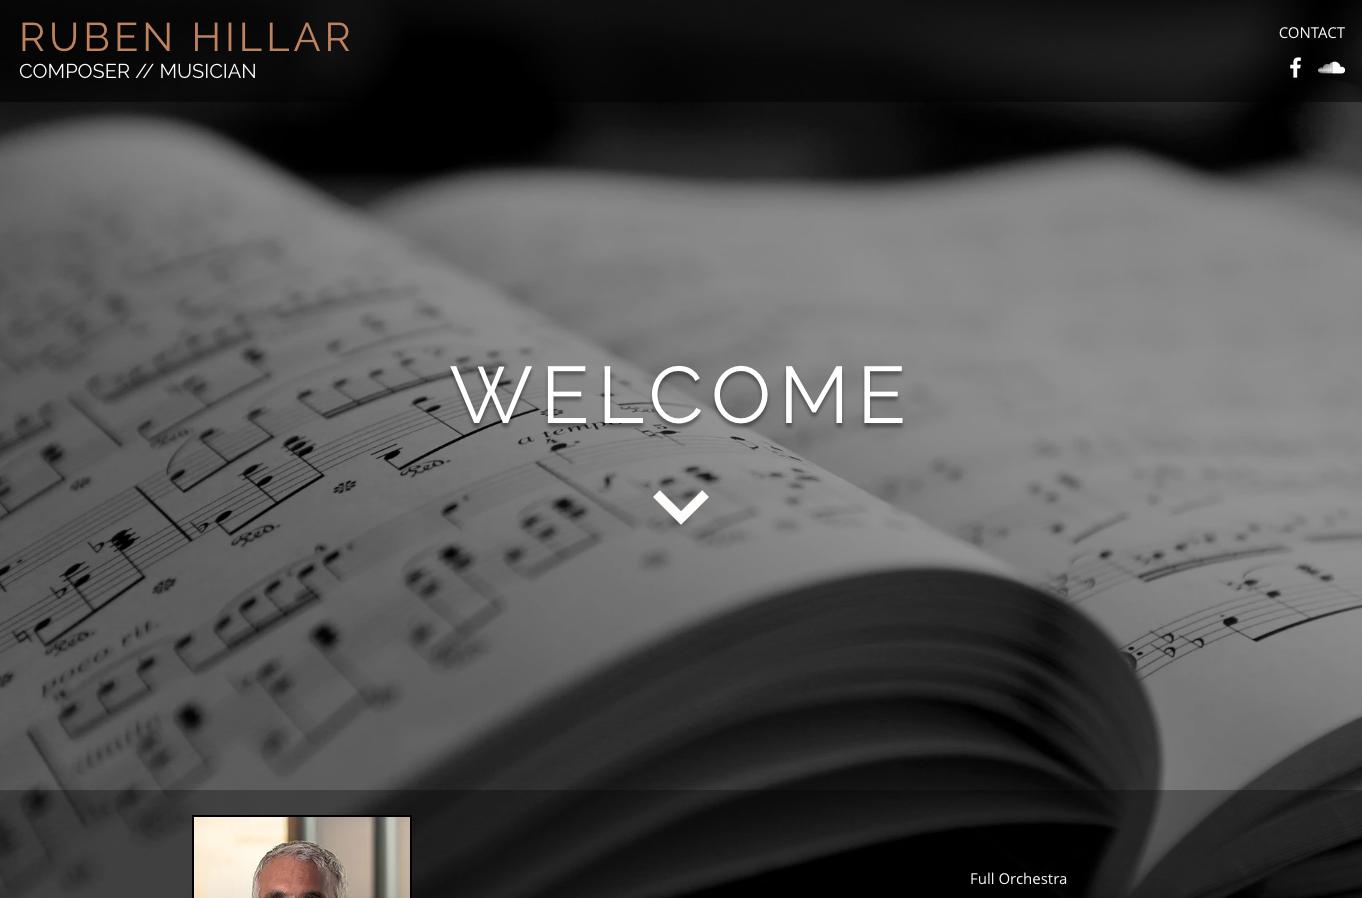 Ruben Hillar Music